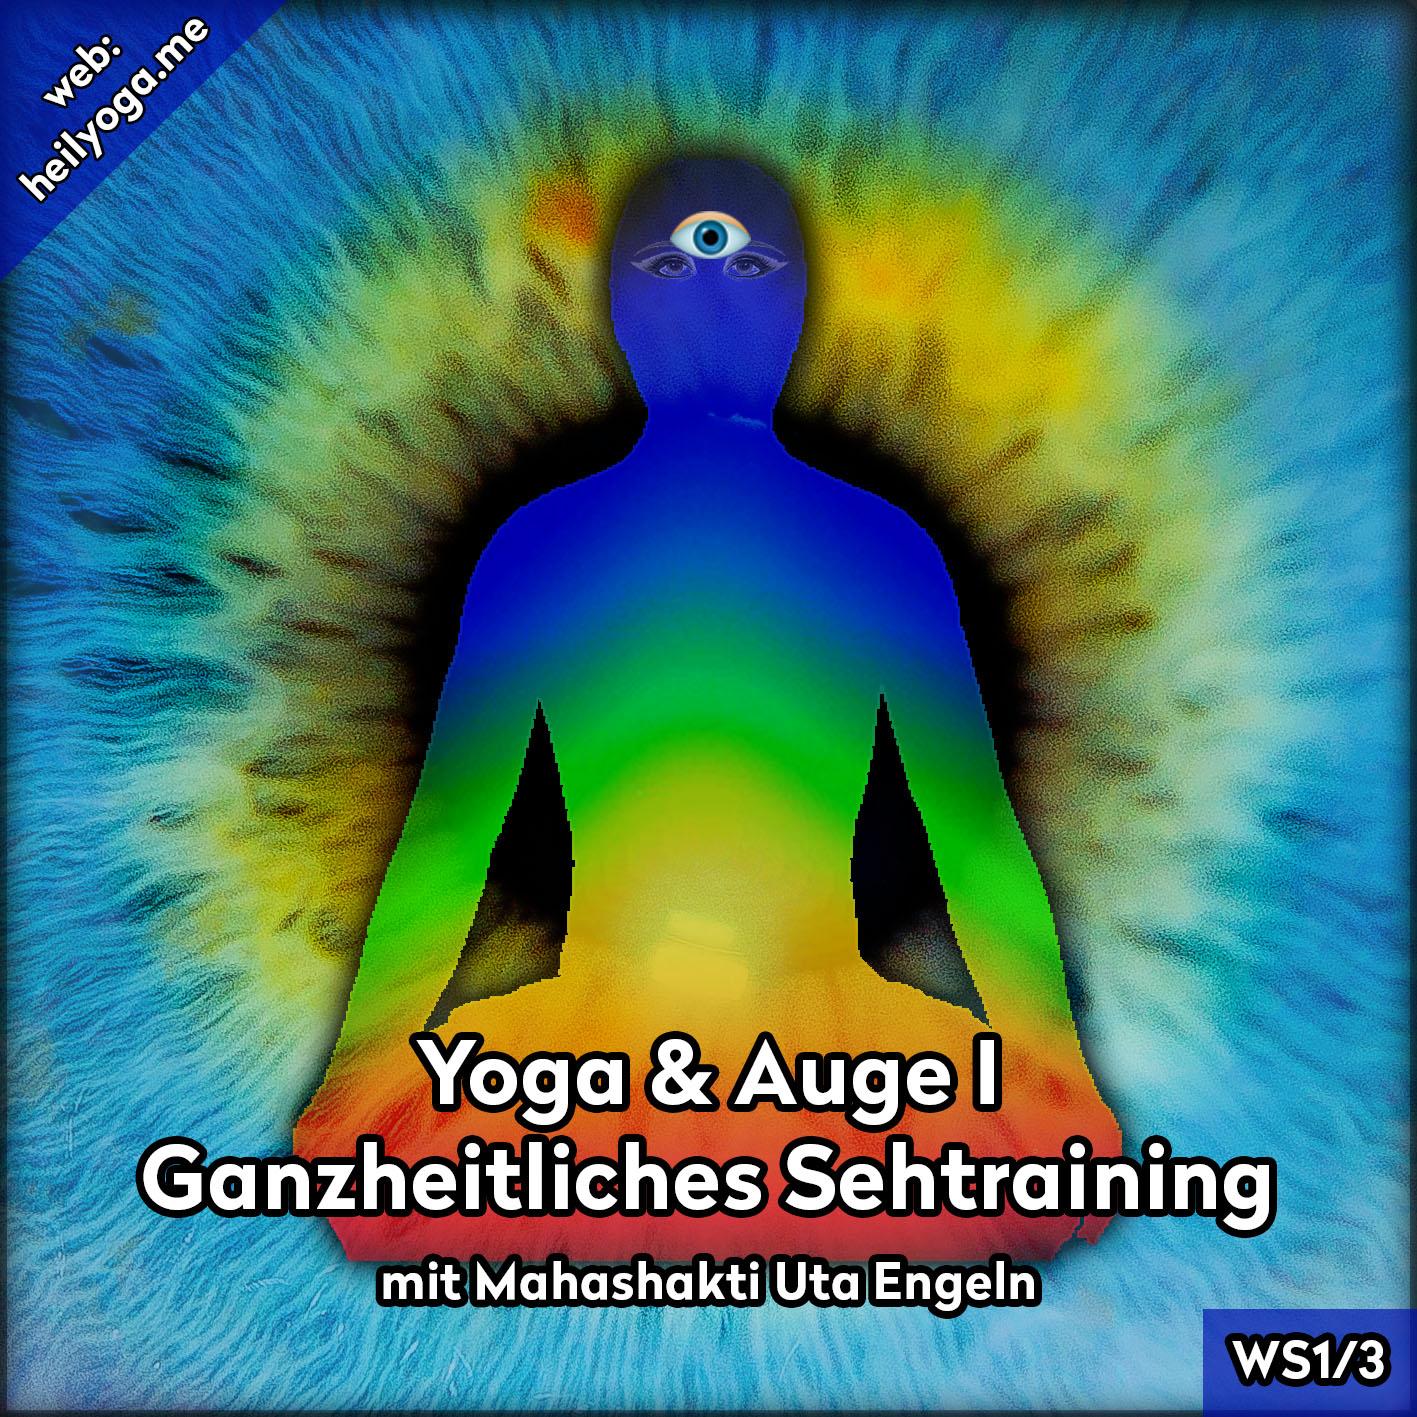 Yoga & Augen I – Ganzheitliches Sehtraining bei PC-Arbeit (MP3)